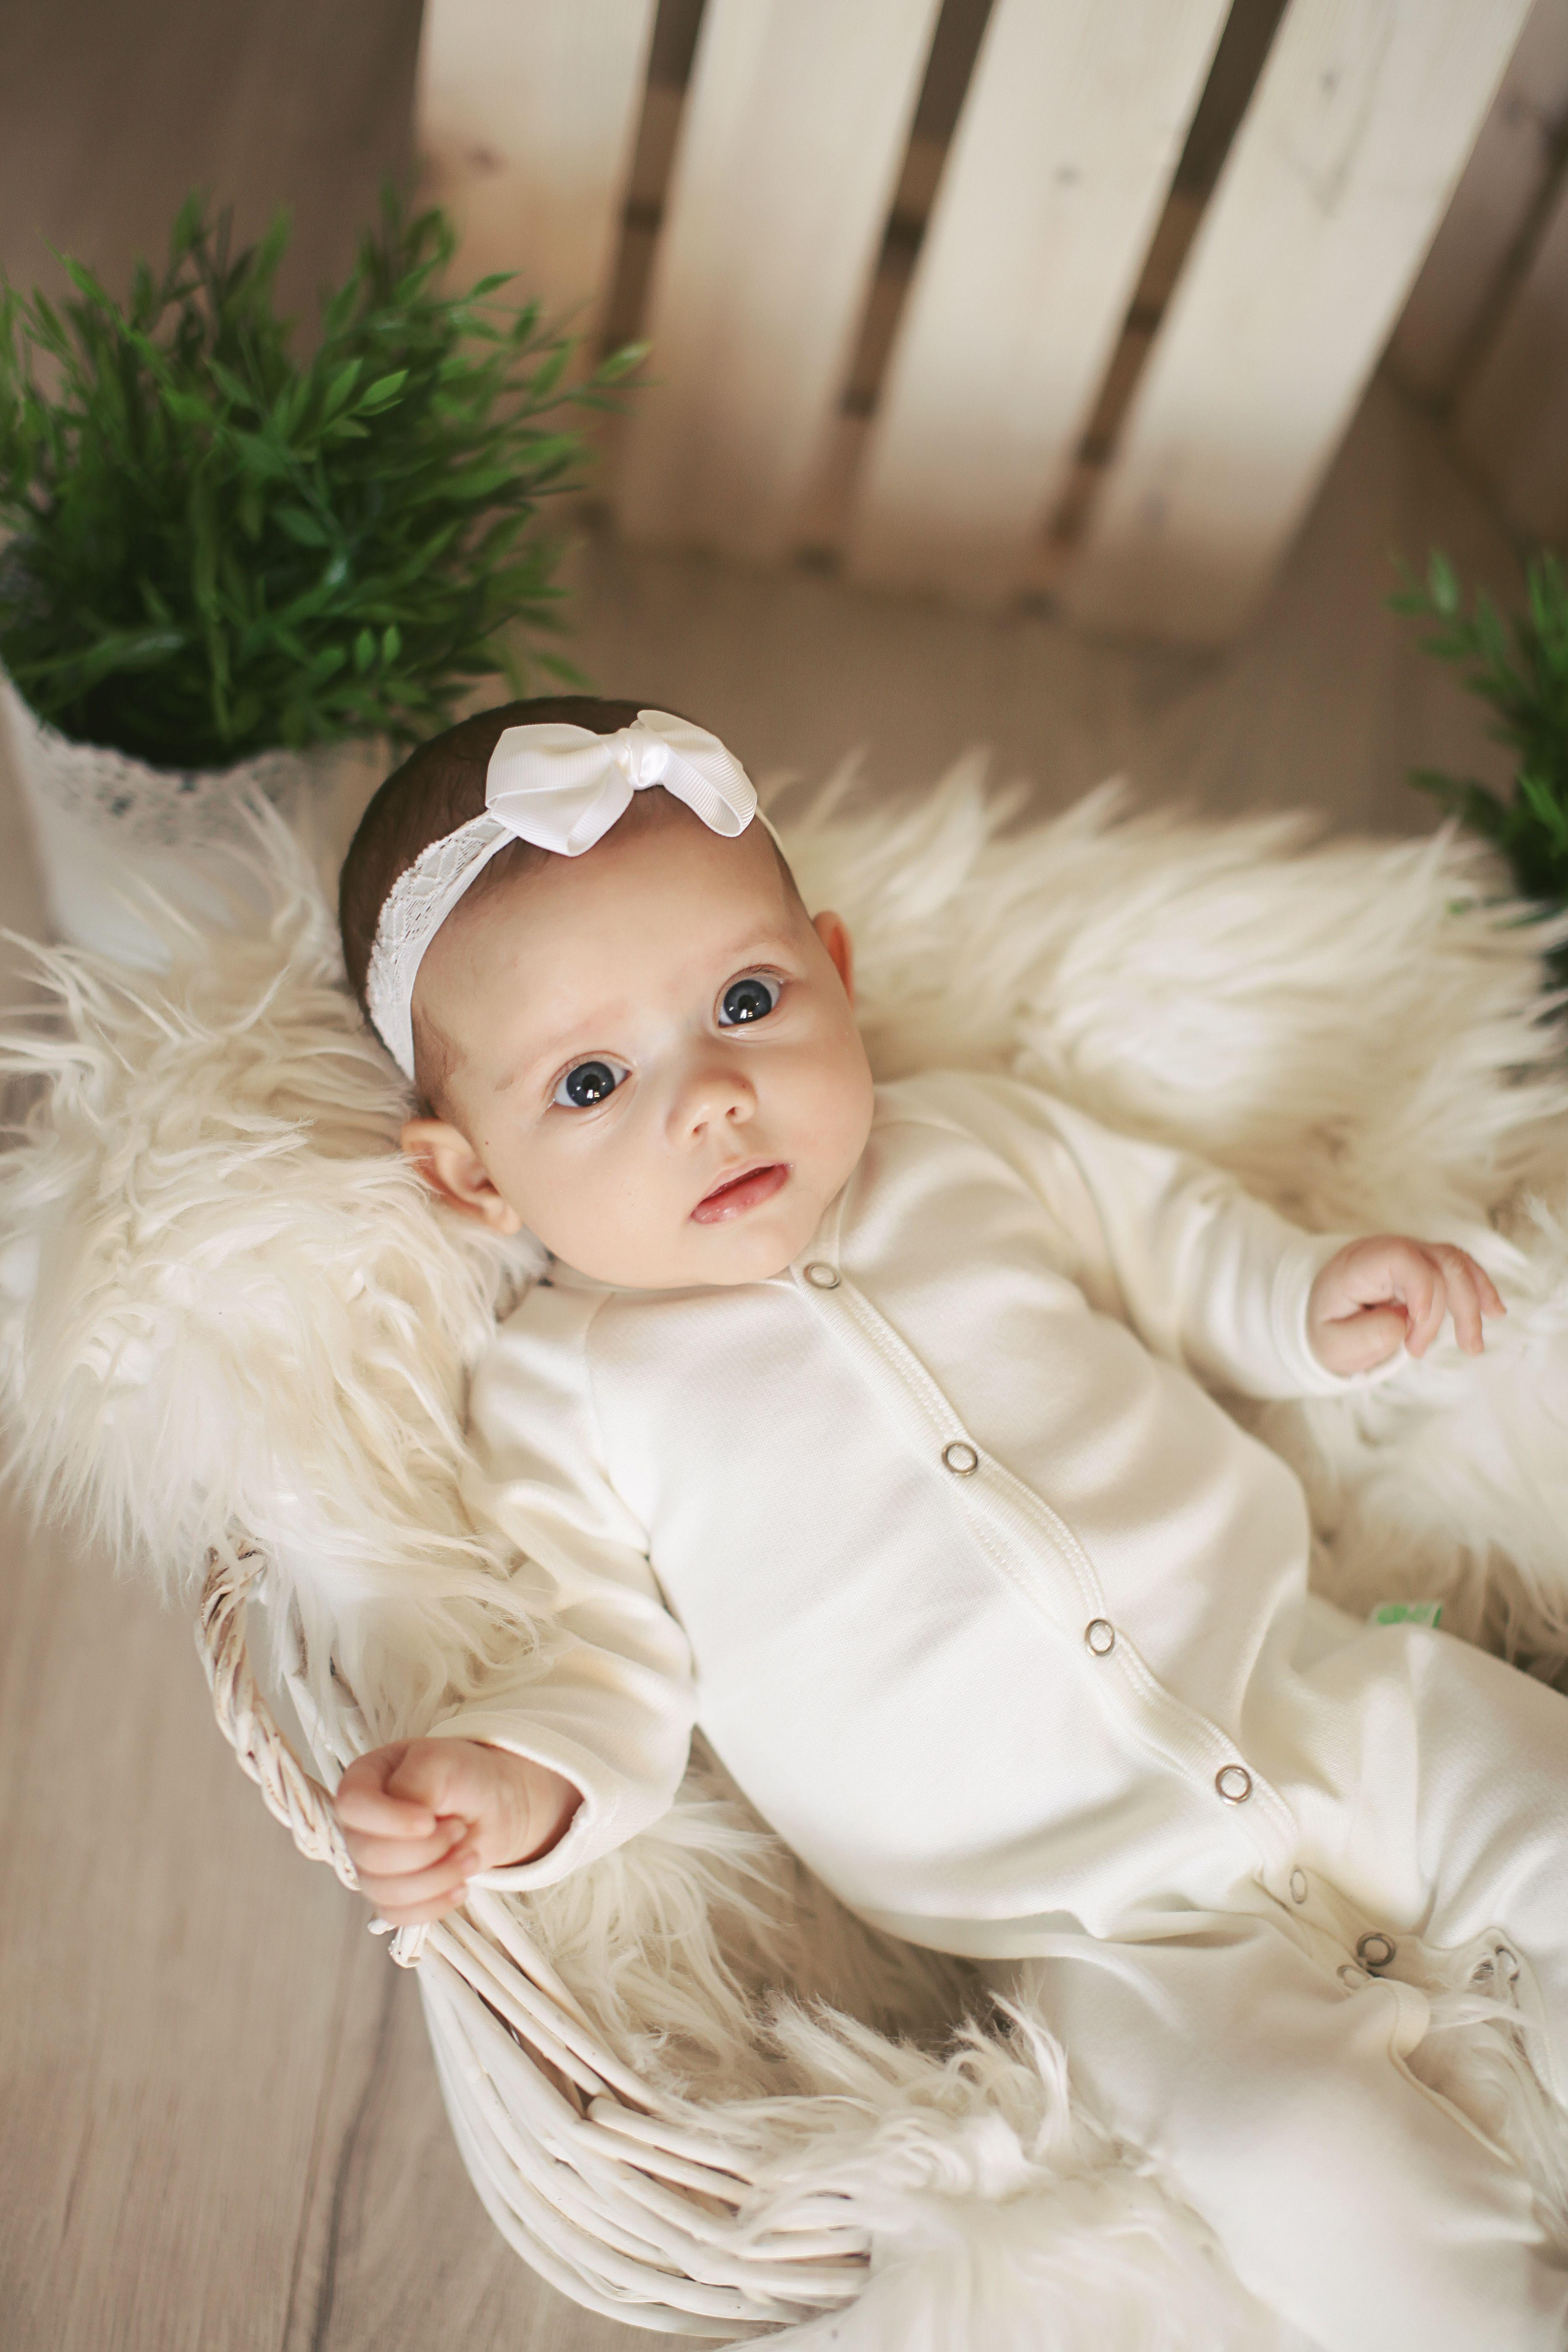 Merino Wool White Baby Romper White baby romper, Baby